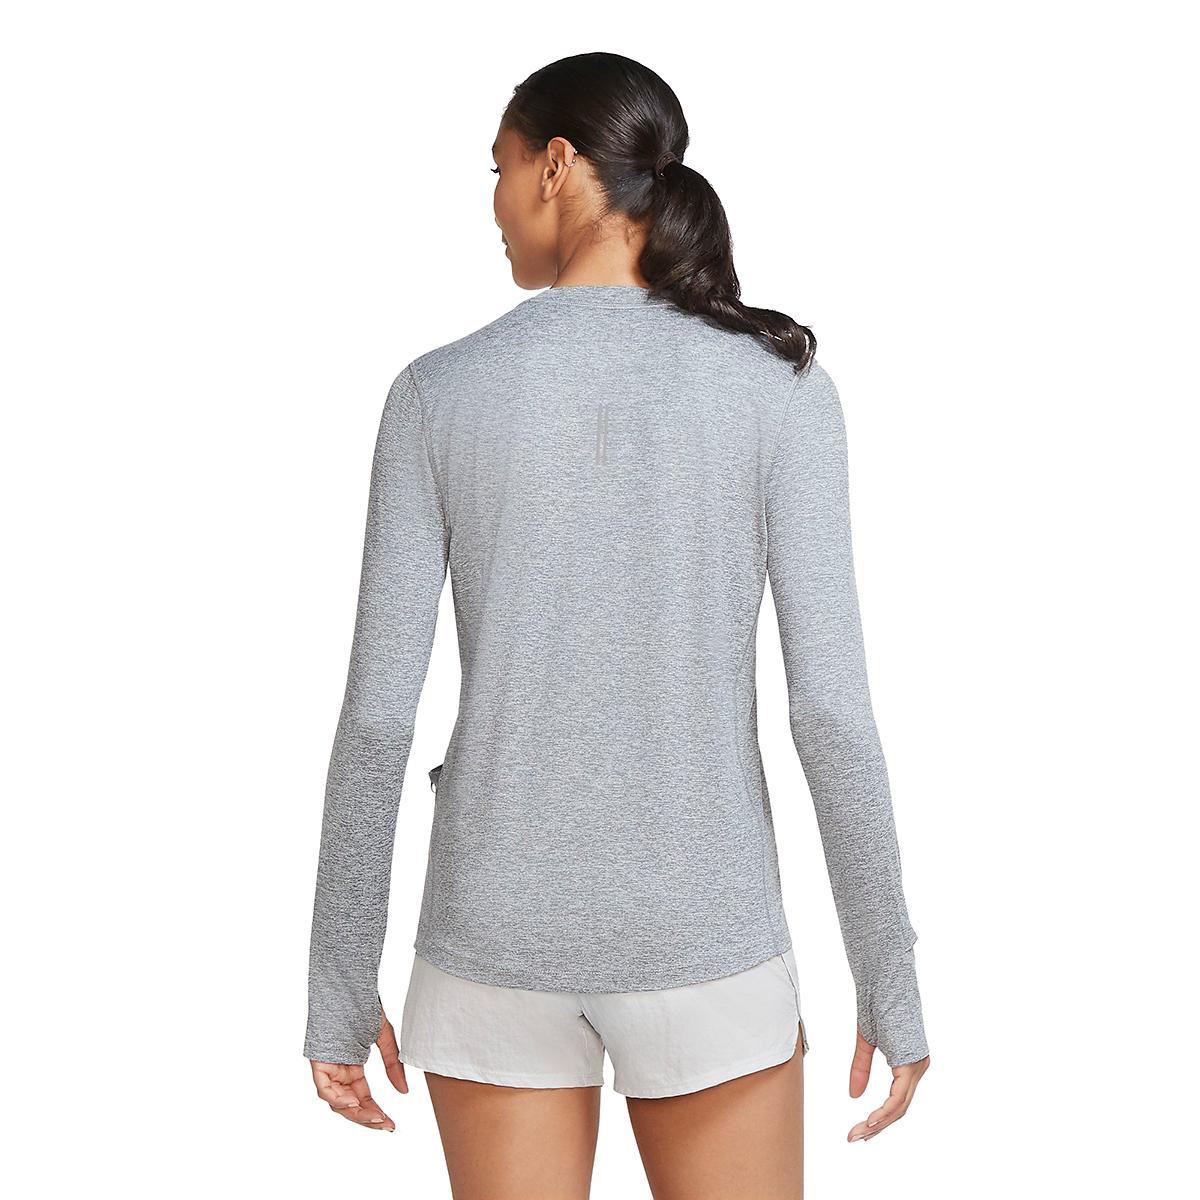 Women's Nike Element Crew Long Sleeve Shirt, , large, image 2